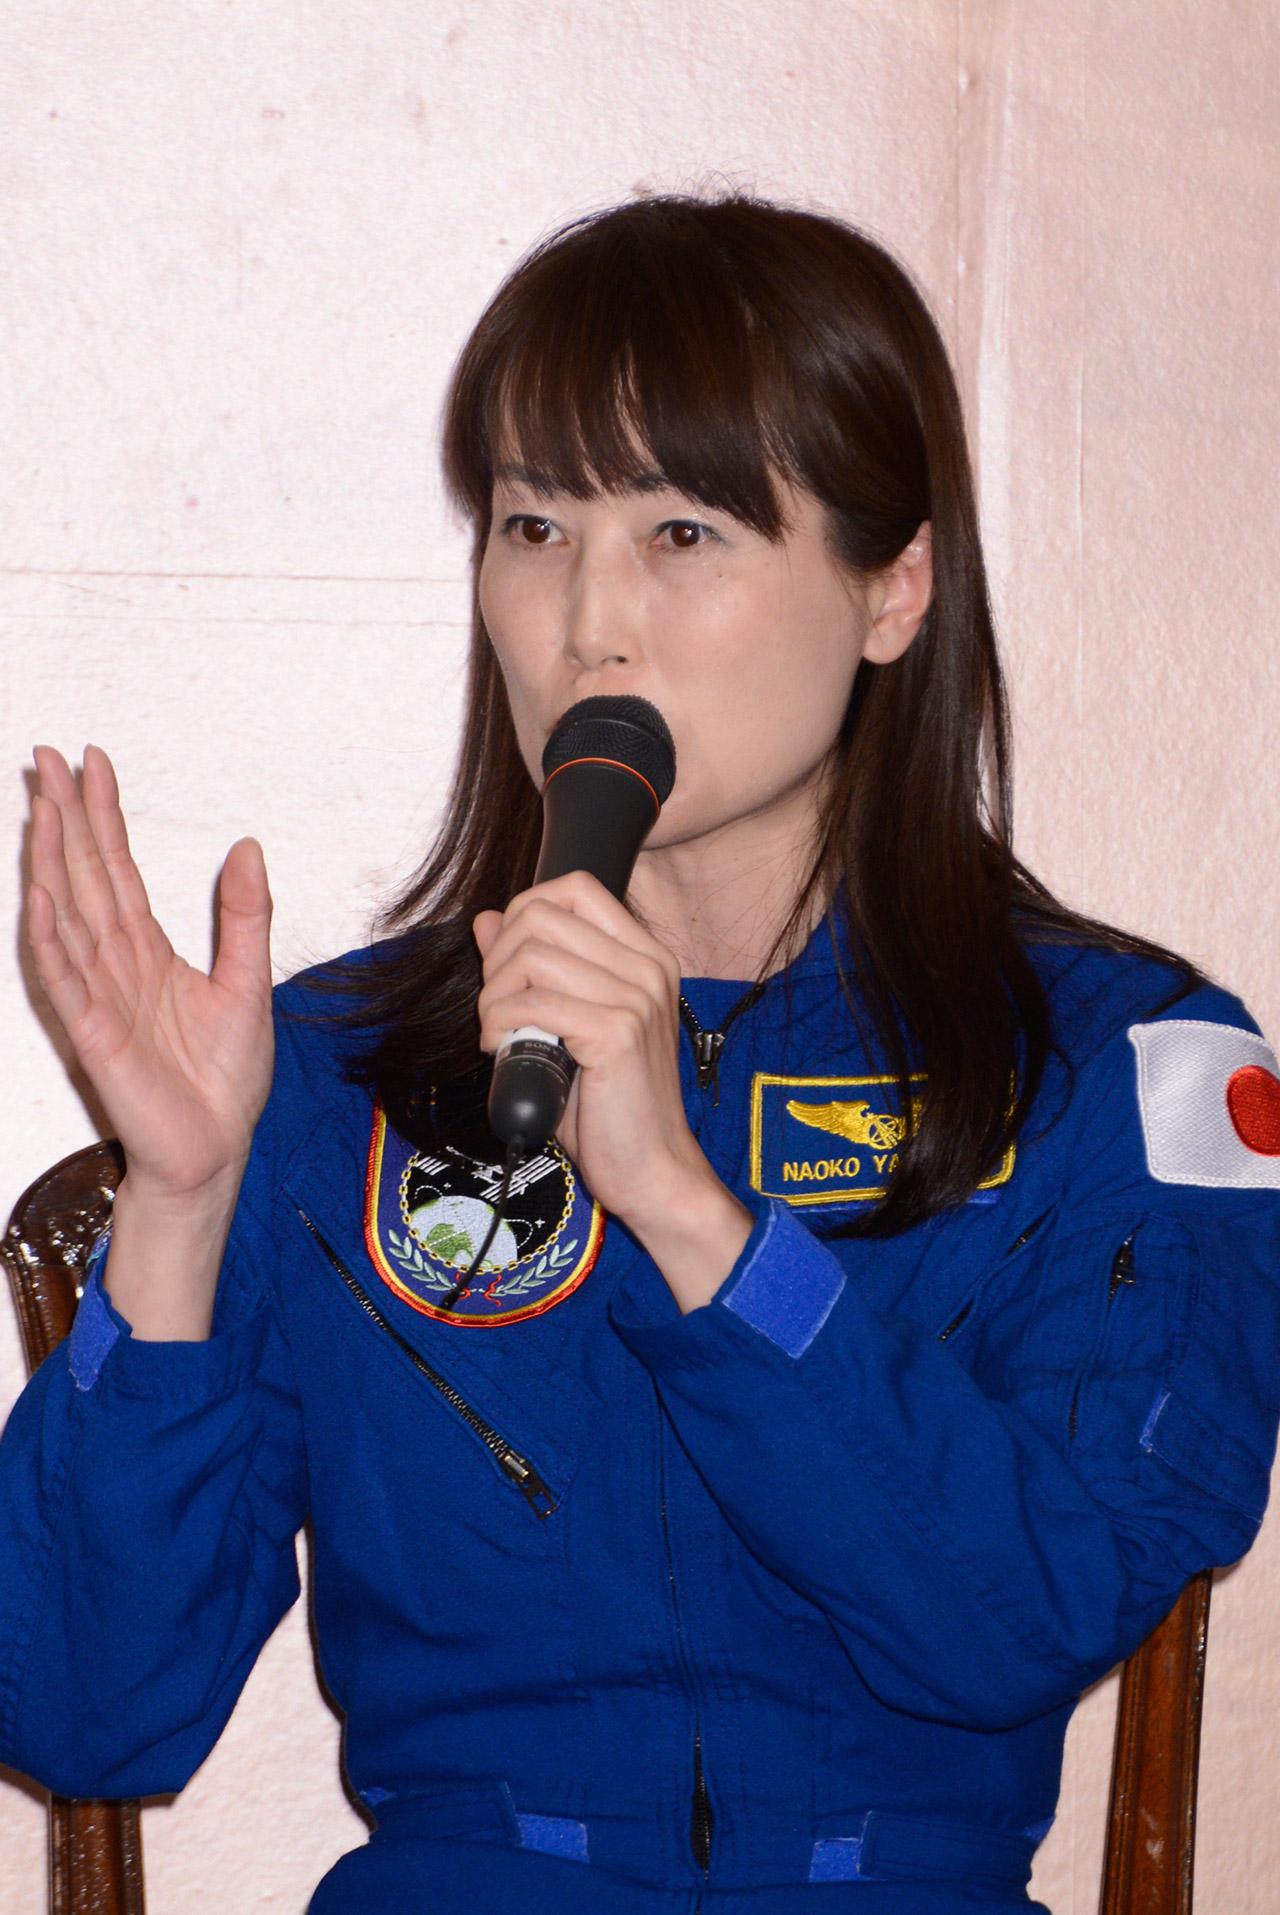 宇宙でのチームワークのありかたについて語る山崎宇宙飛行士